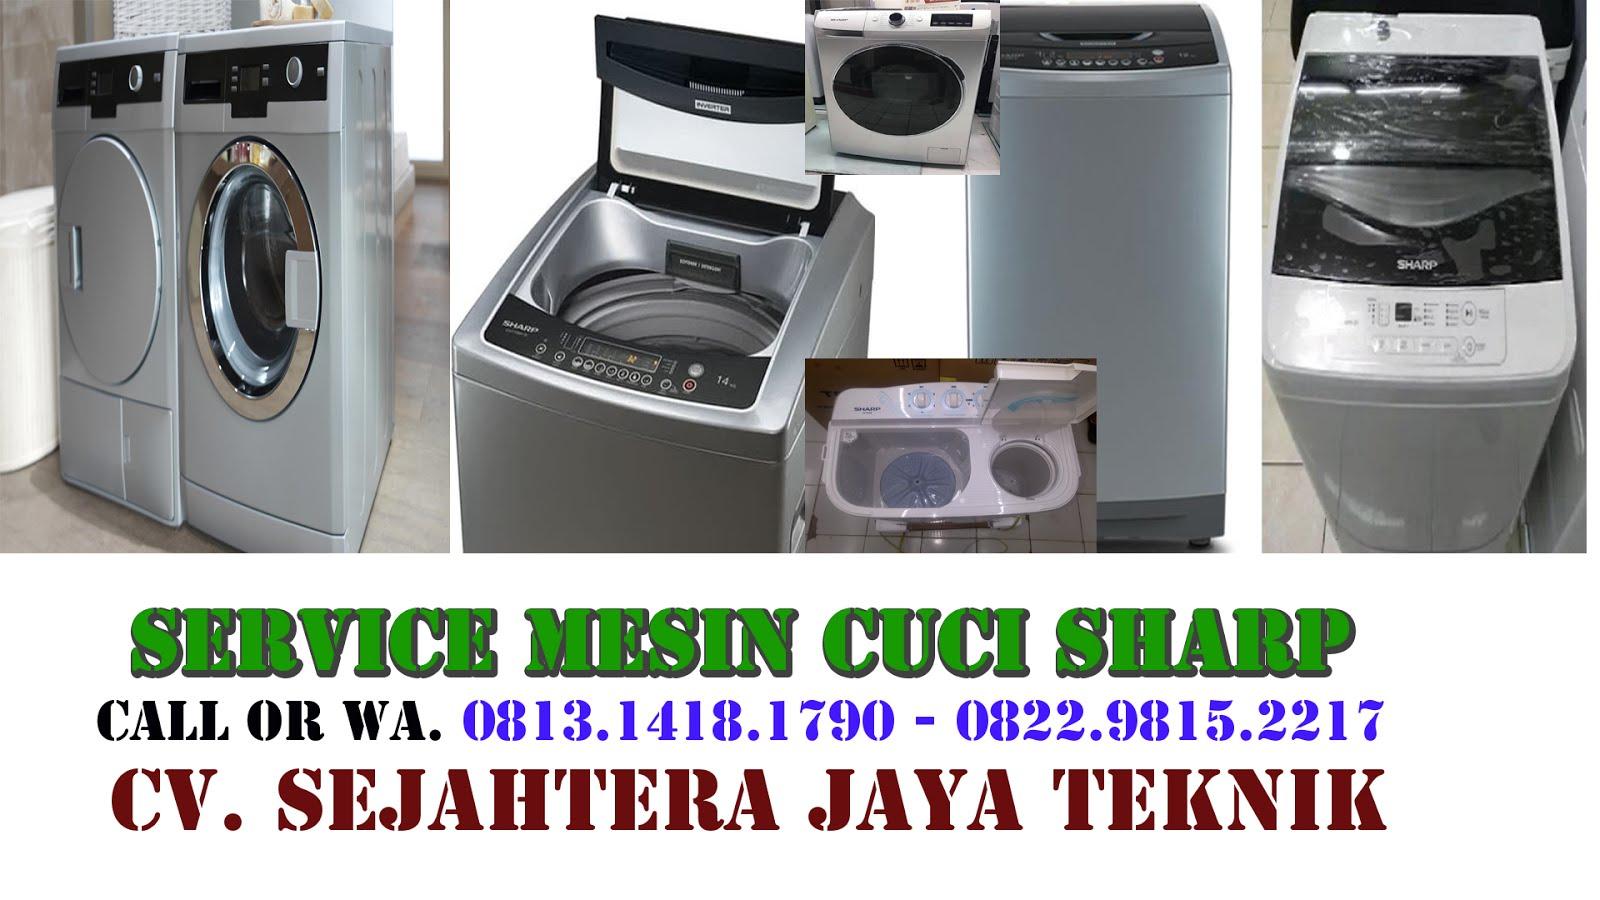 Service Mesin Cuci Sharp di Jakarta Selatan